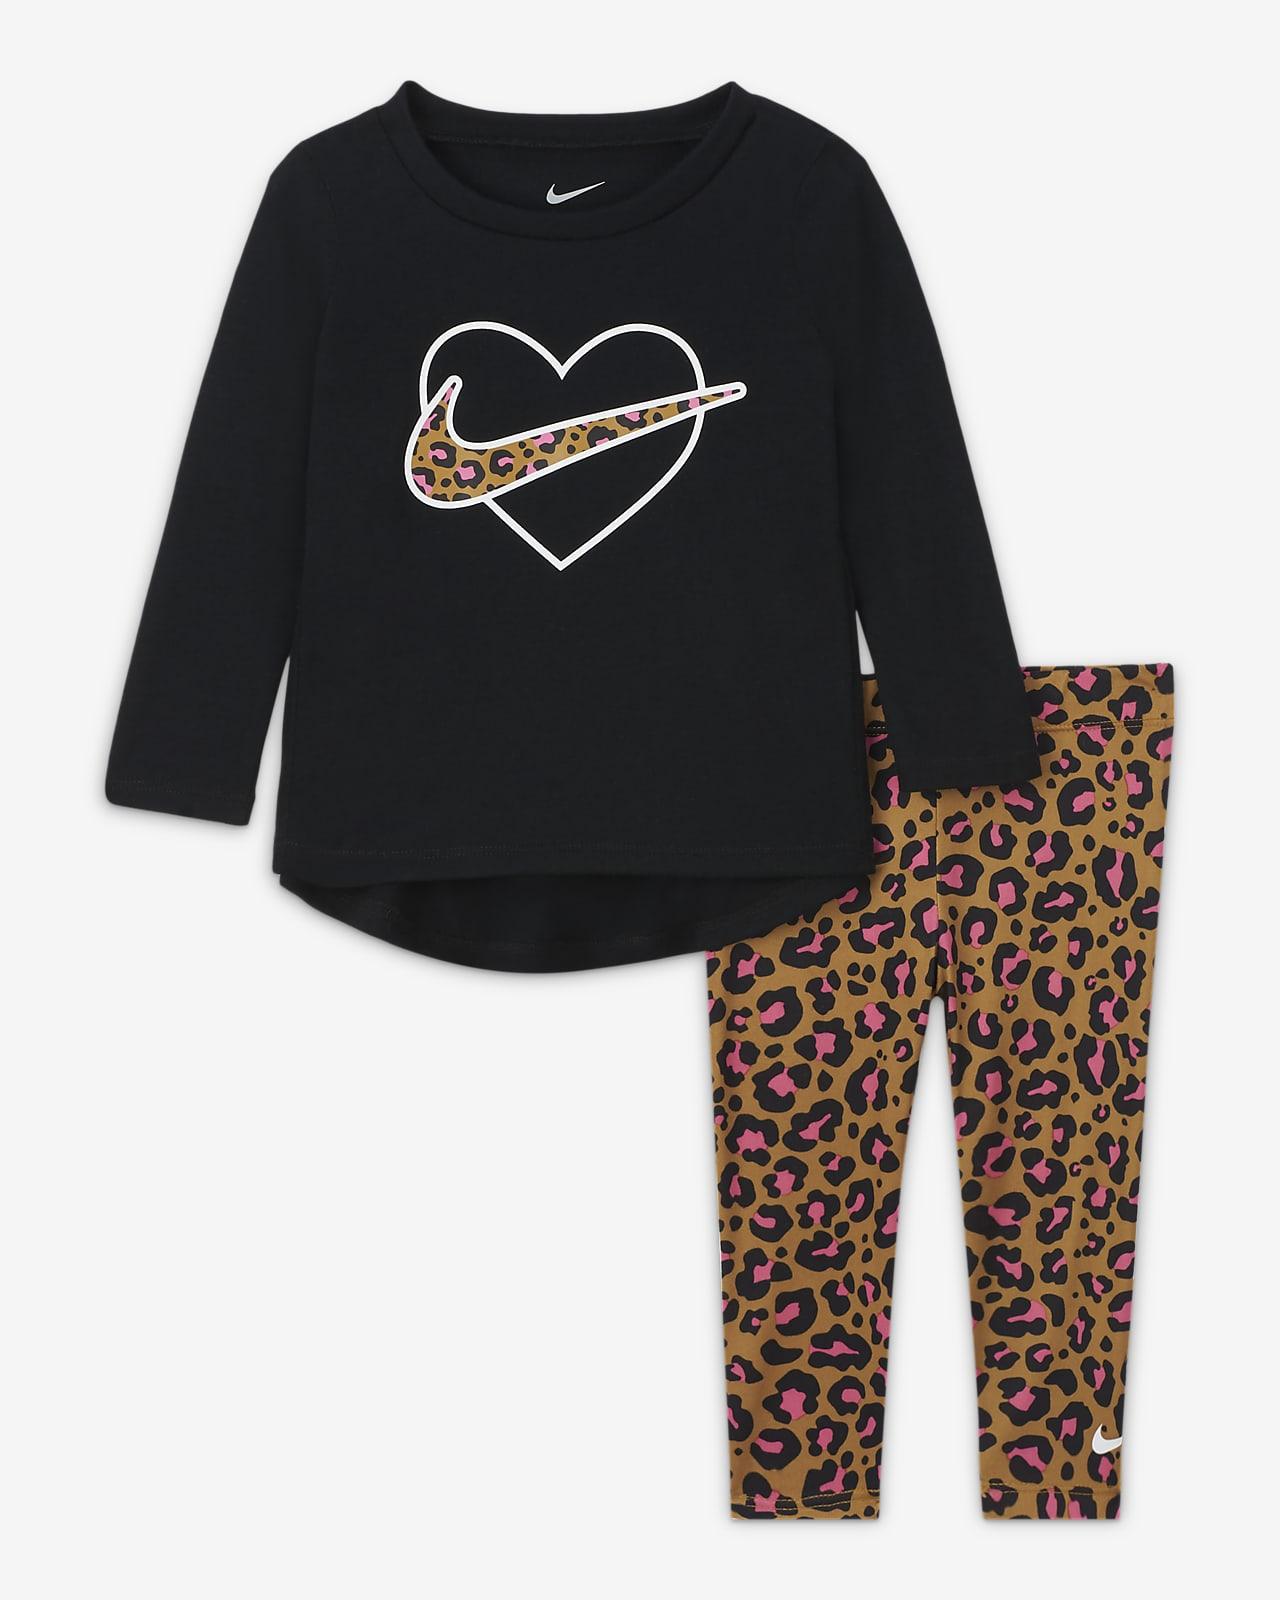 Nike Baby (12–24M) Top and Leggings Set